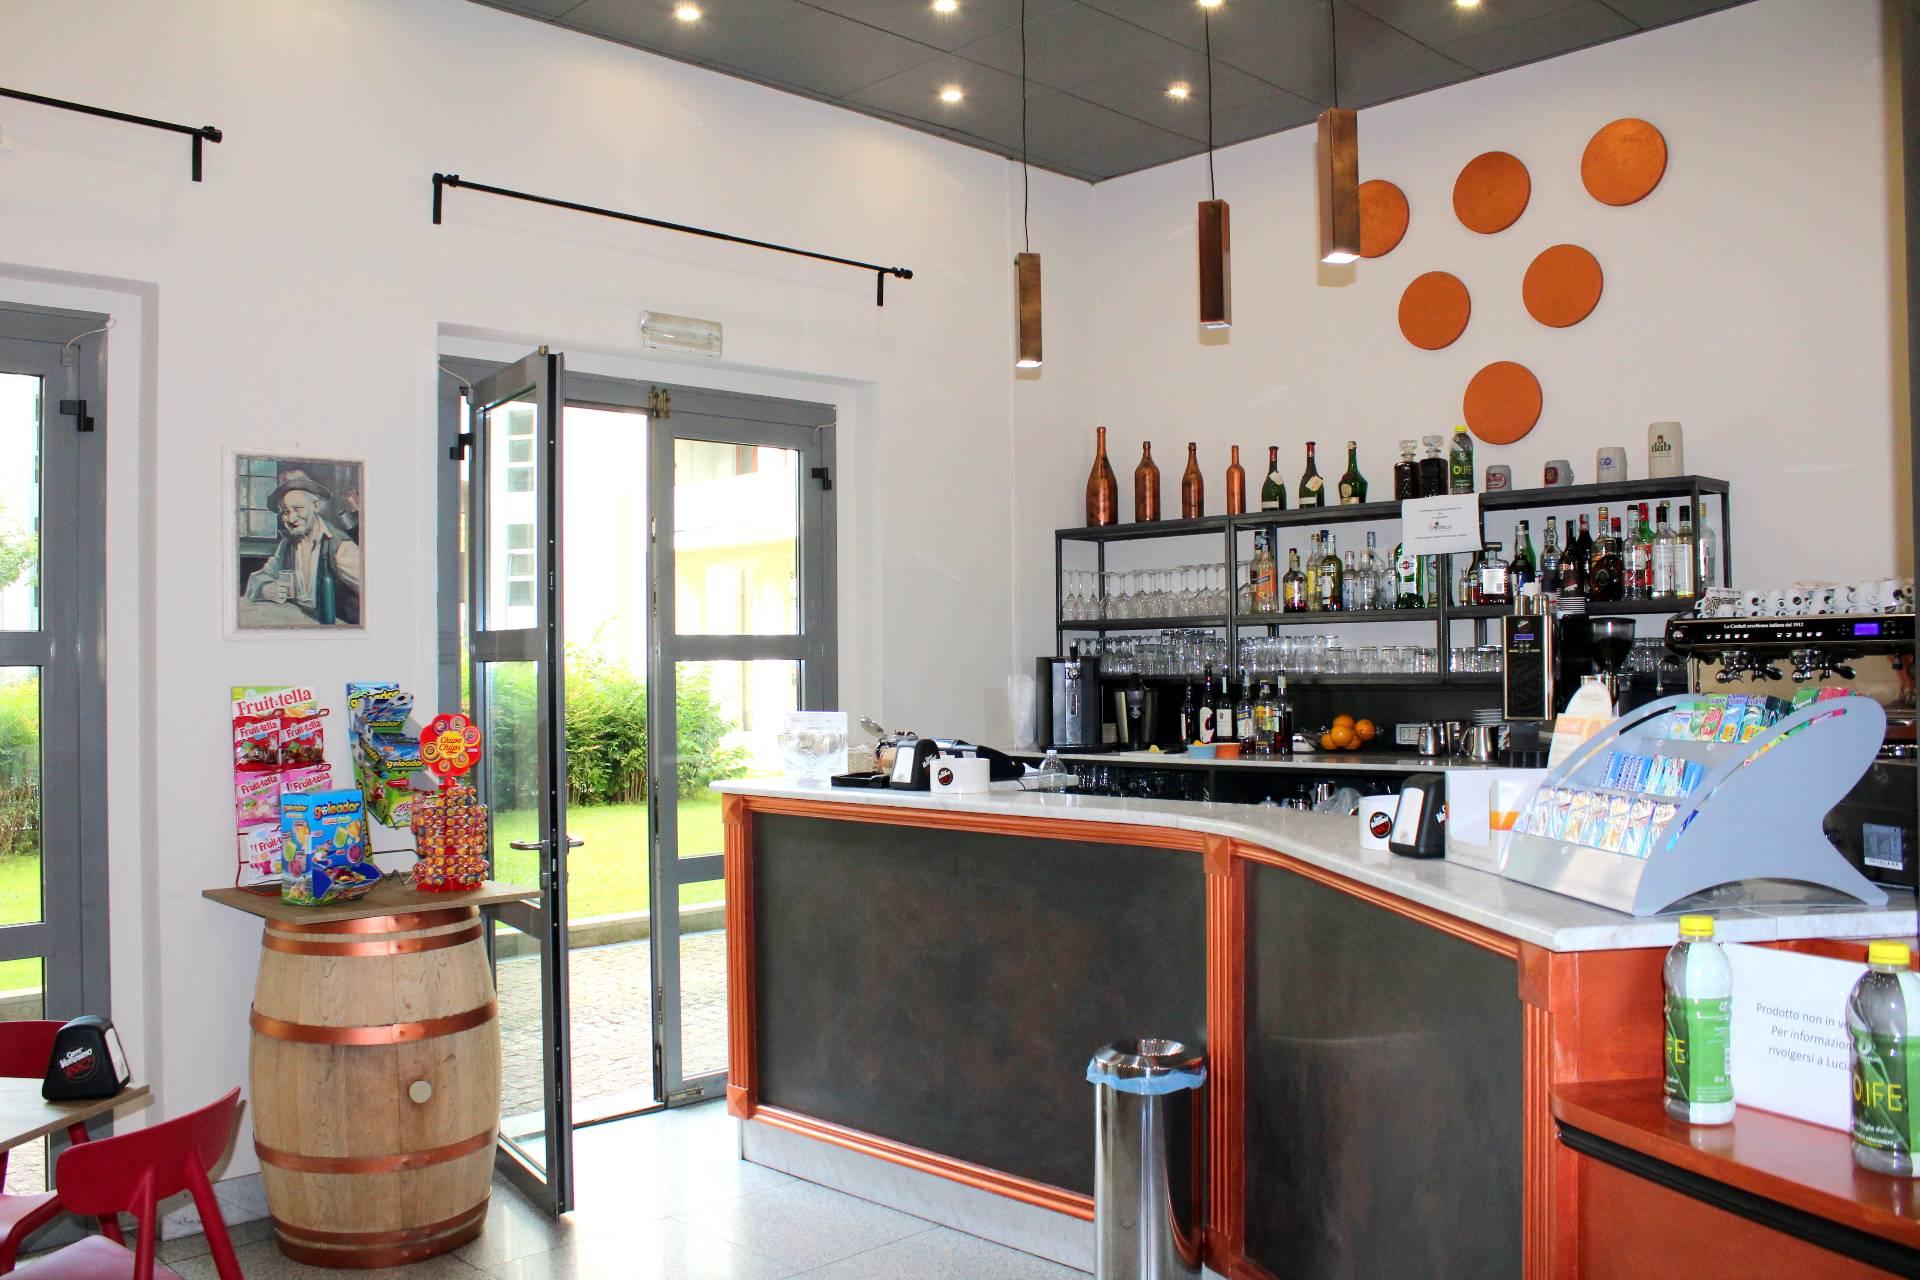 Attività Commerciale - Bar Tavola Calda - Fredda in Affitto/Vendita a Torino